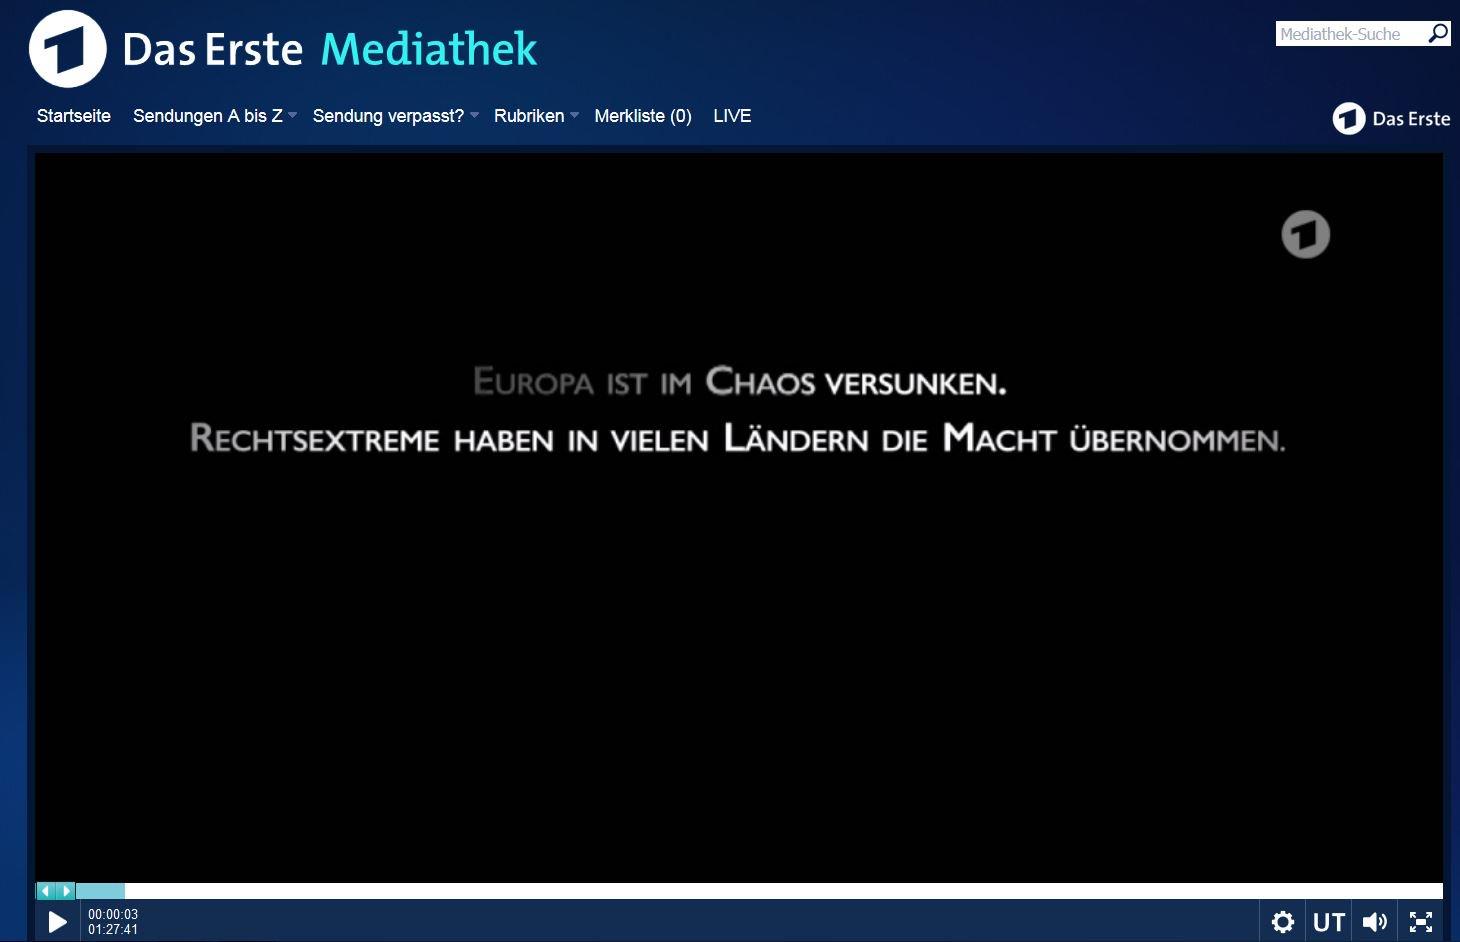 Screenshot aus der Mediathek des Senders Das Erste